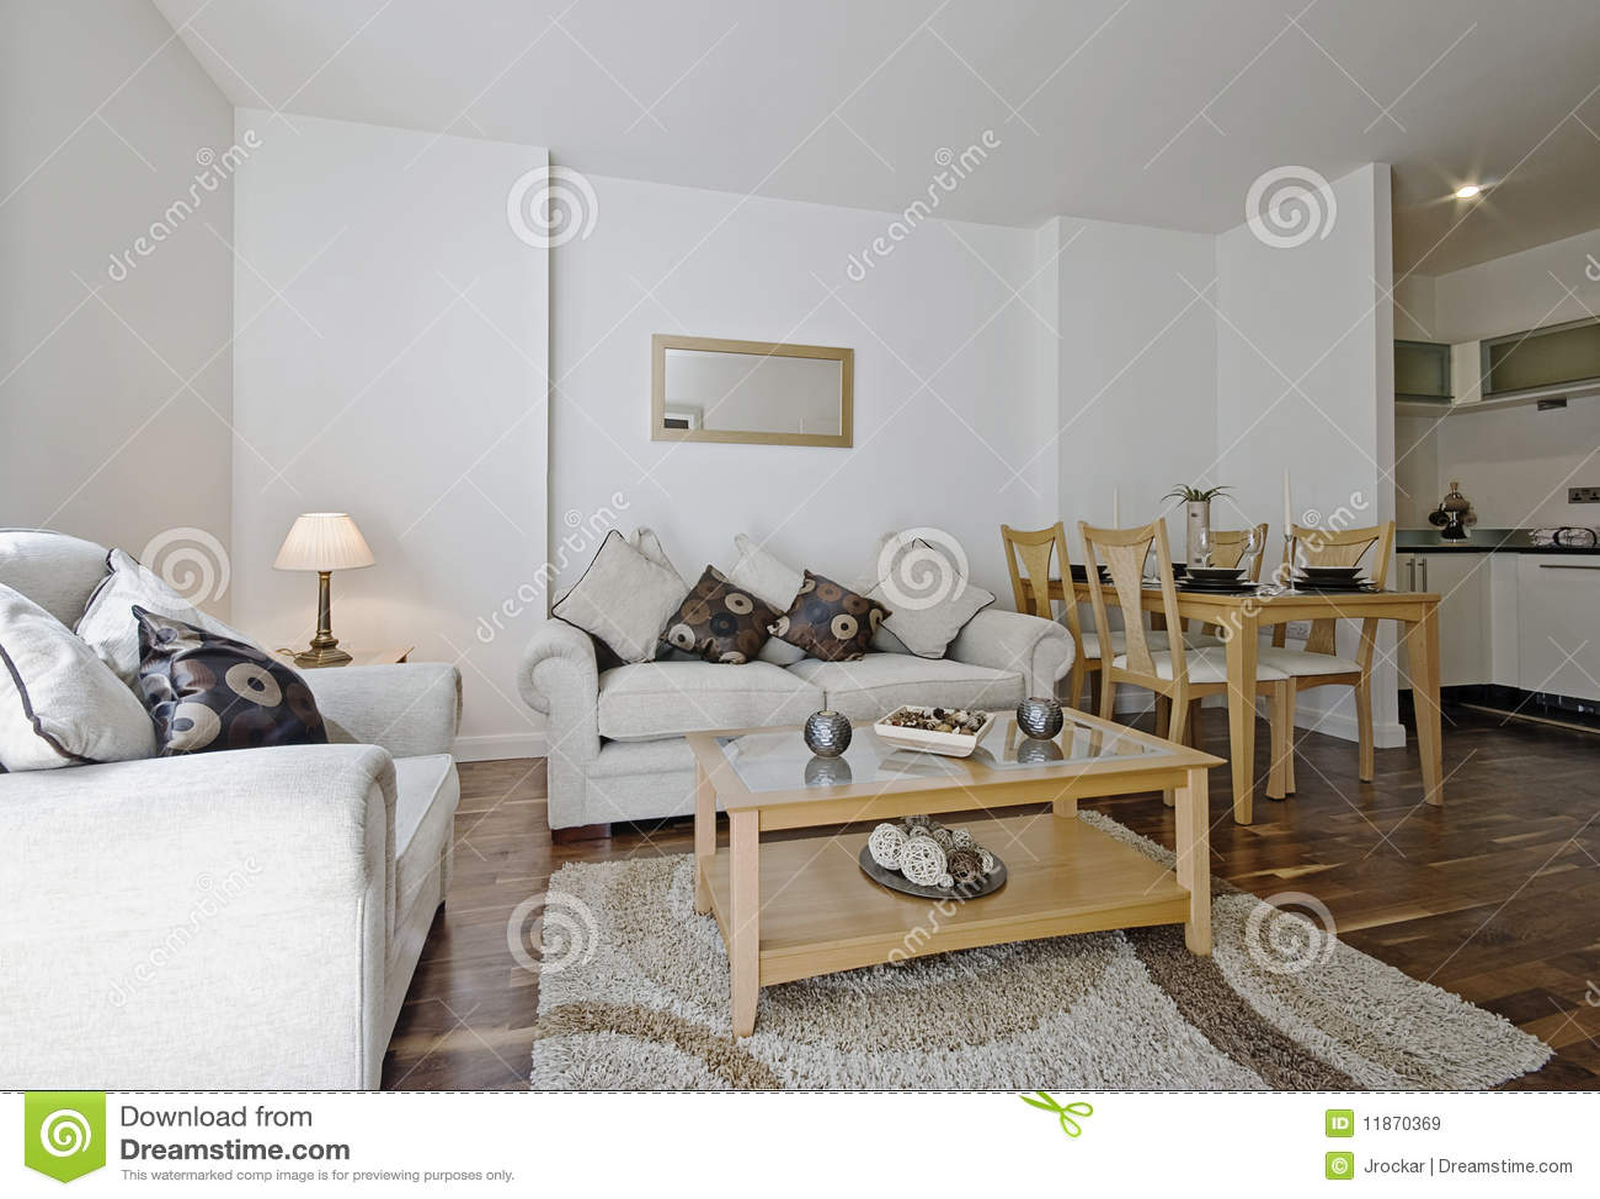 moderne woonkamer met decoratie royalty vrije stock afbeeldingen afbeelding 11870369